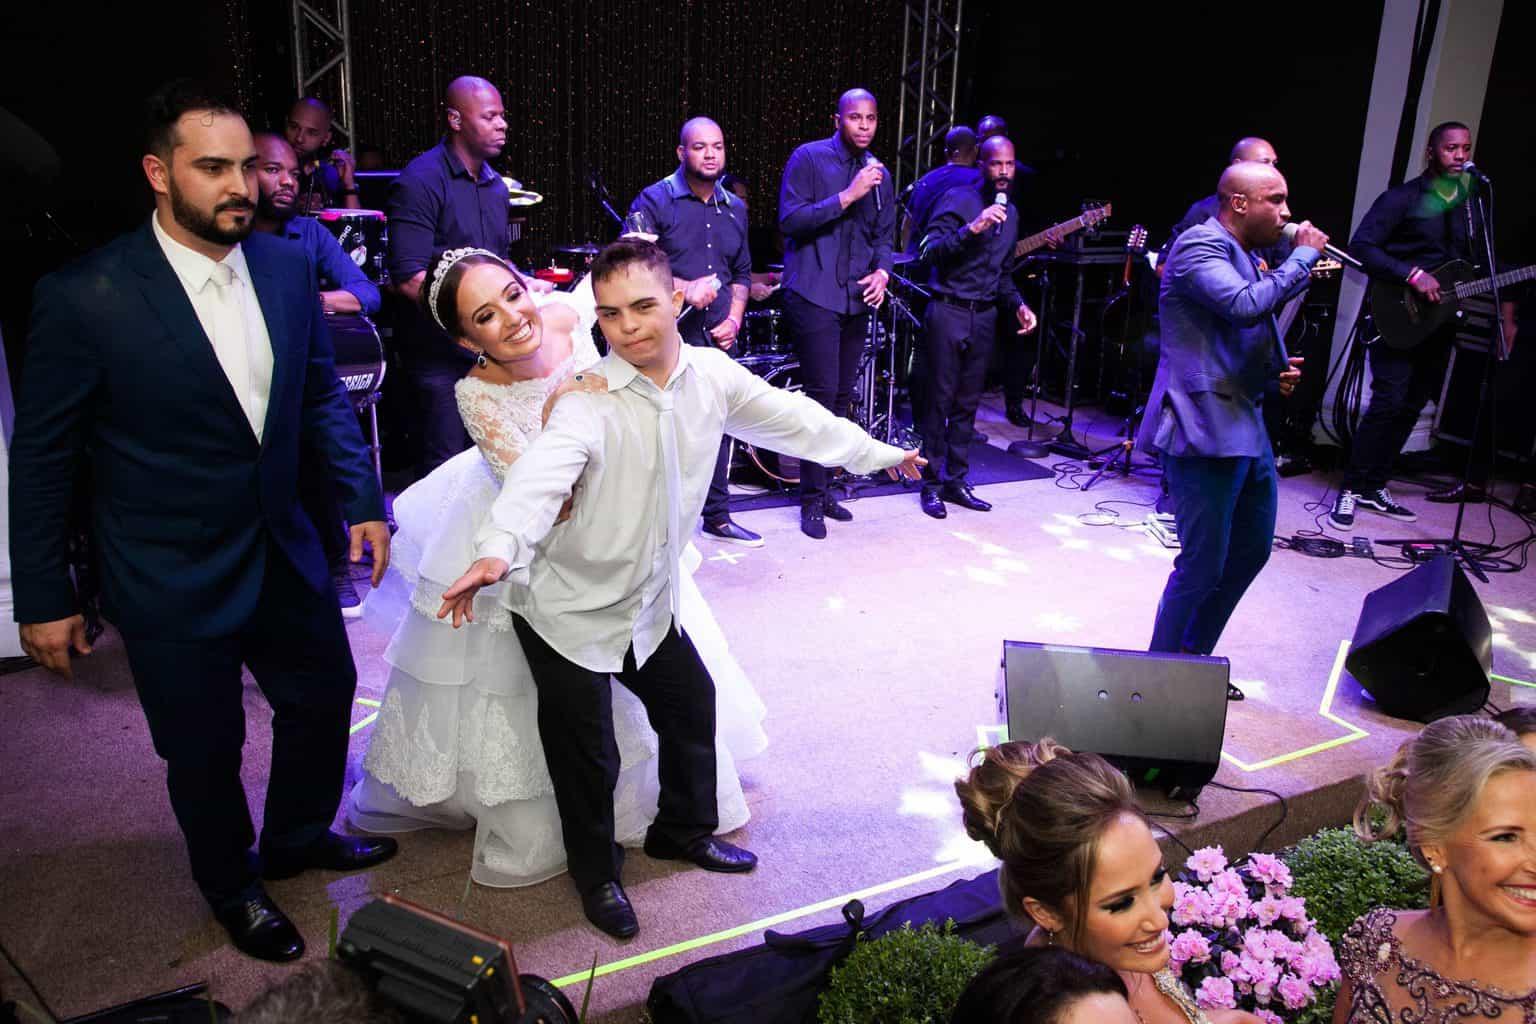 Casamento-Clássico-Casamento-tradicional-Copacabana-Palace-Monica-Roias-Ribas-Foto-e-Vídeo-Thiaguinho-Tuanny-e-Bernardo-CaseMe-4